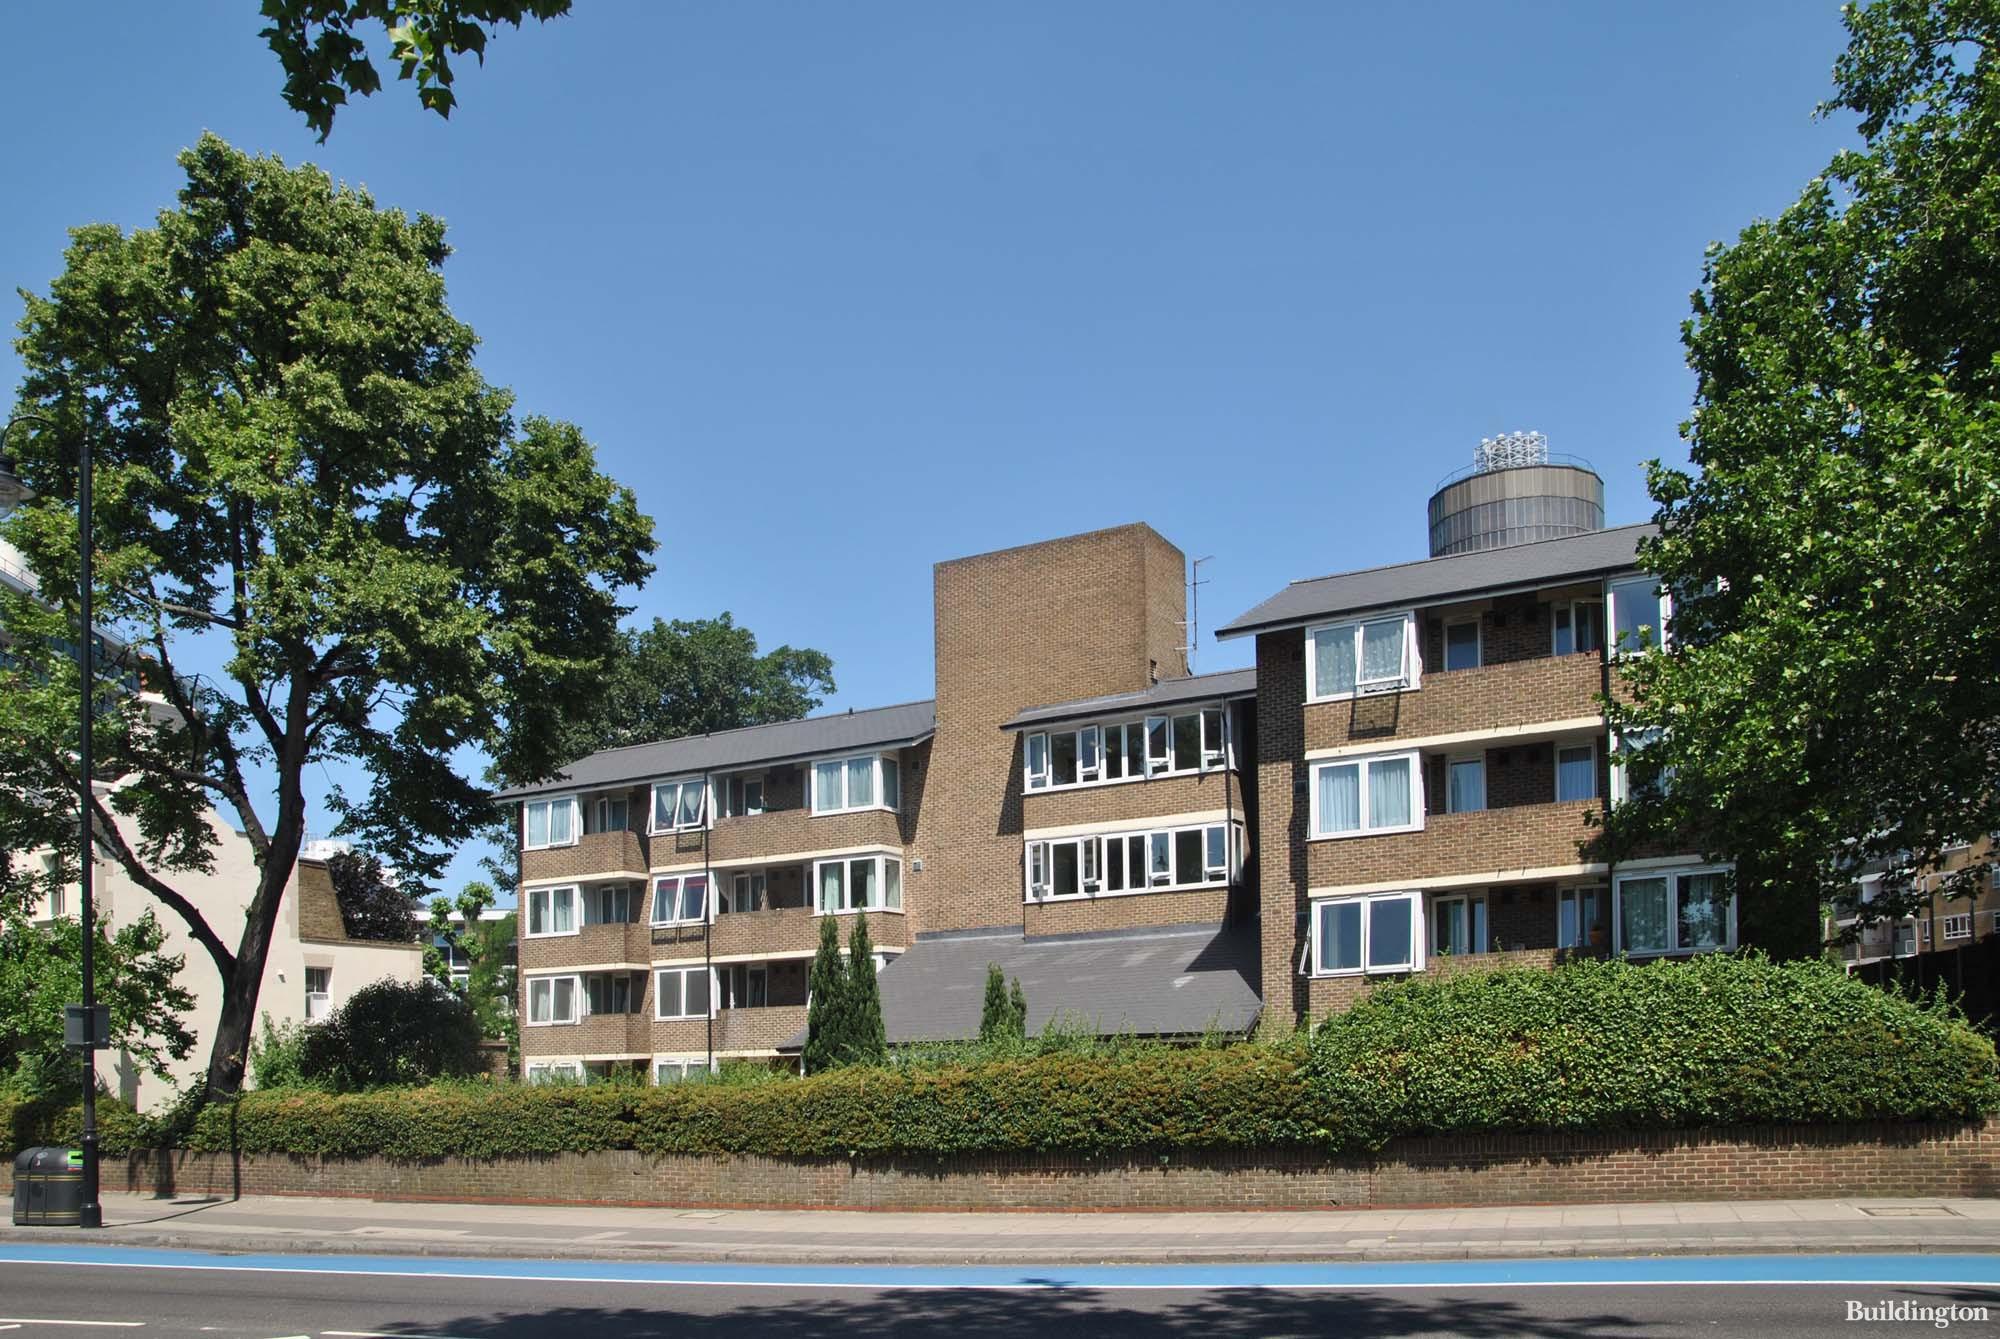 Darwin House at 104 Grosvenor Road in Pimlico SW1.